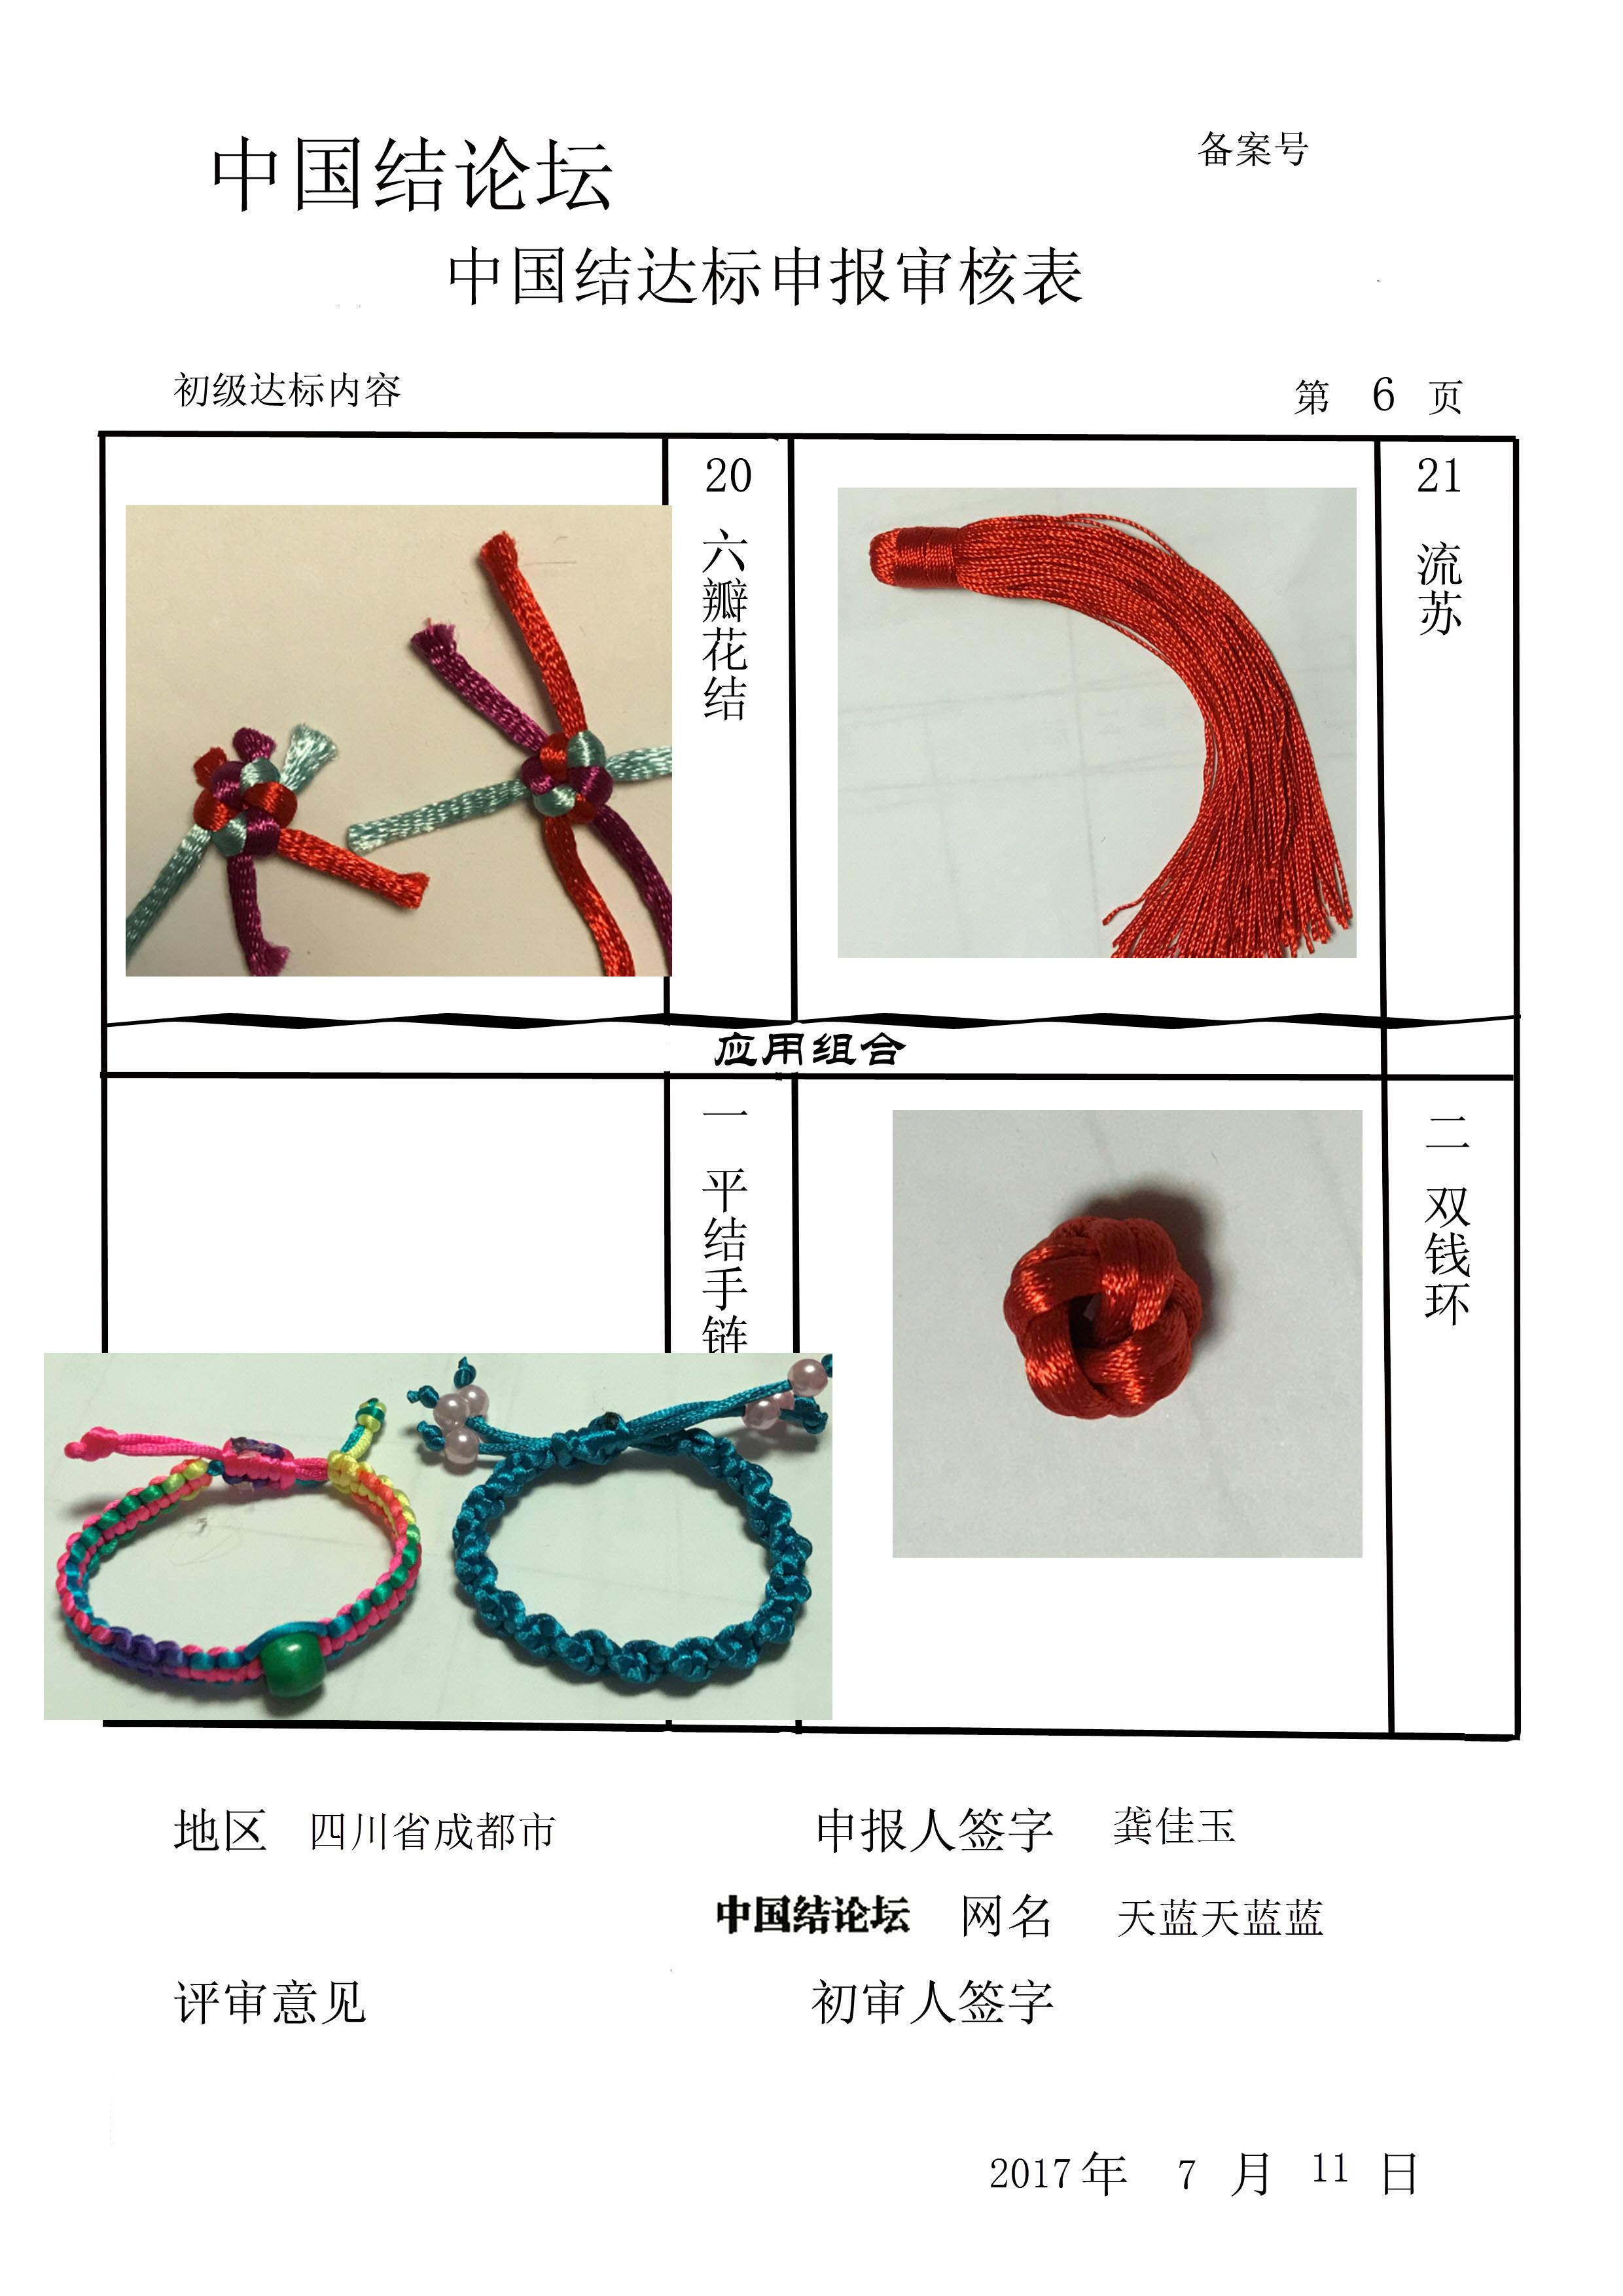 中国结论坛 天蓝天蓝蓝------初级达标审核稿 经过一个多月的努力,终于完成了,请老师提意见  中国绳结艺术分级达标审核 144203sss2nrfcrbg28vfg